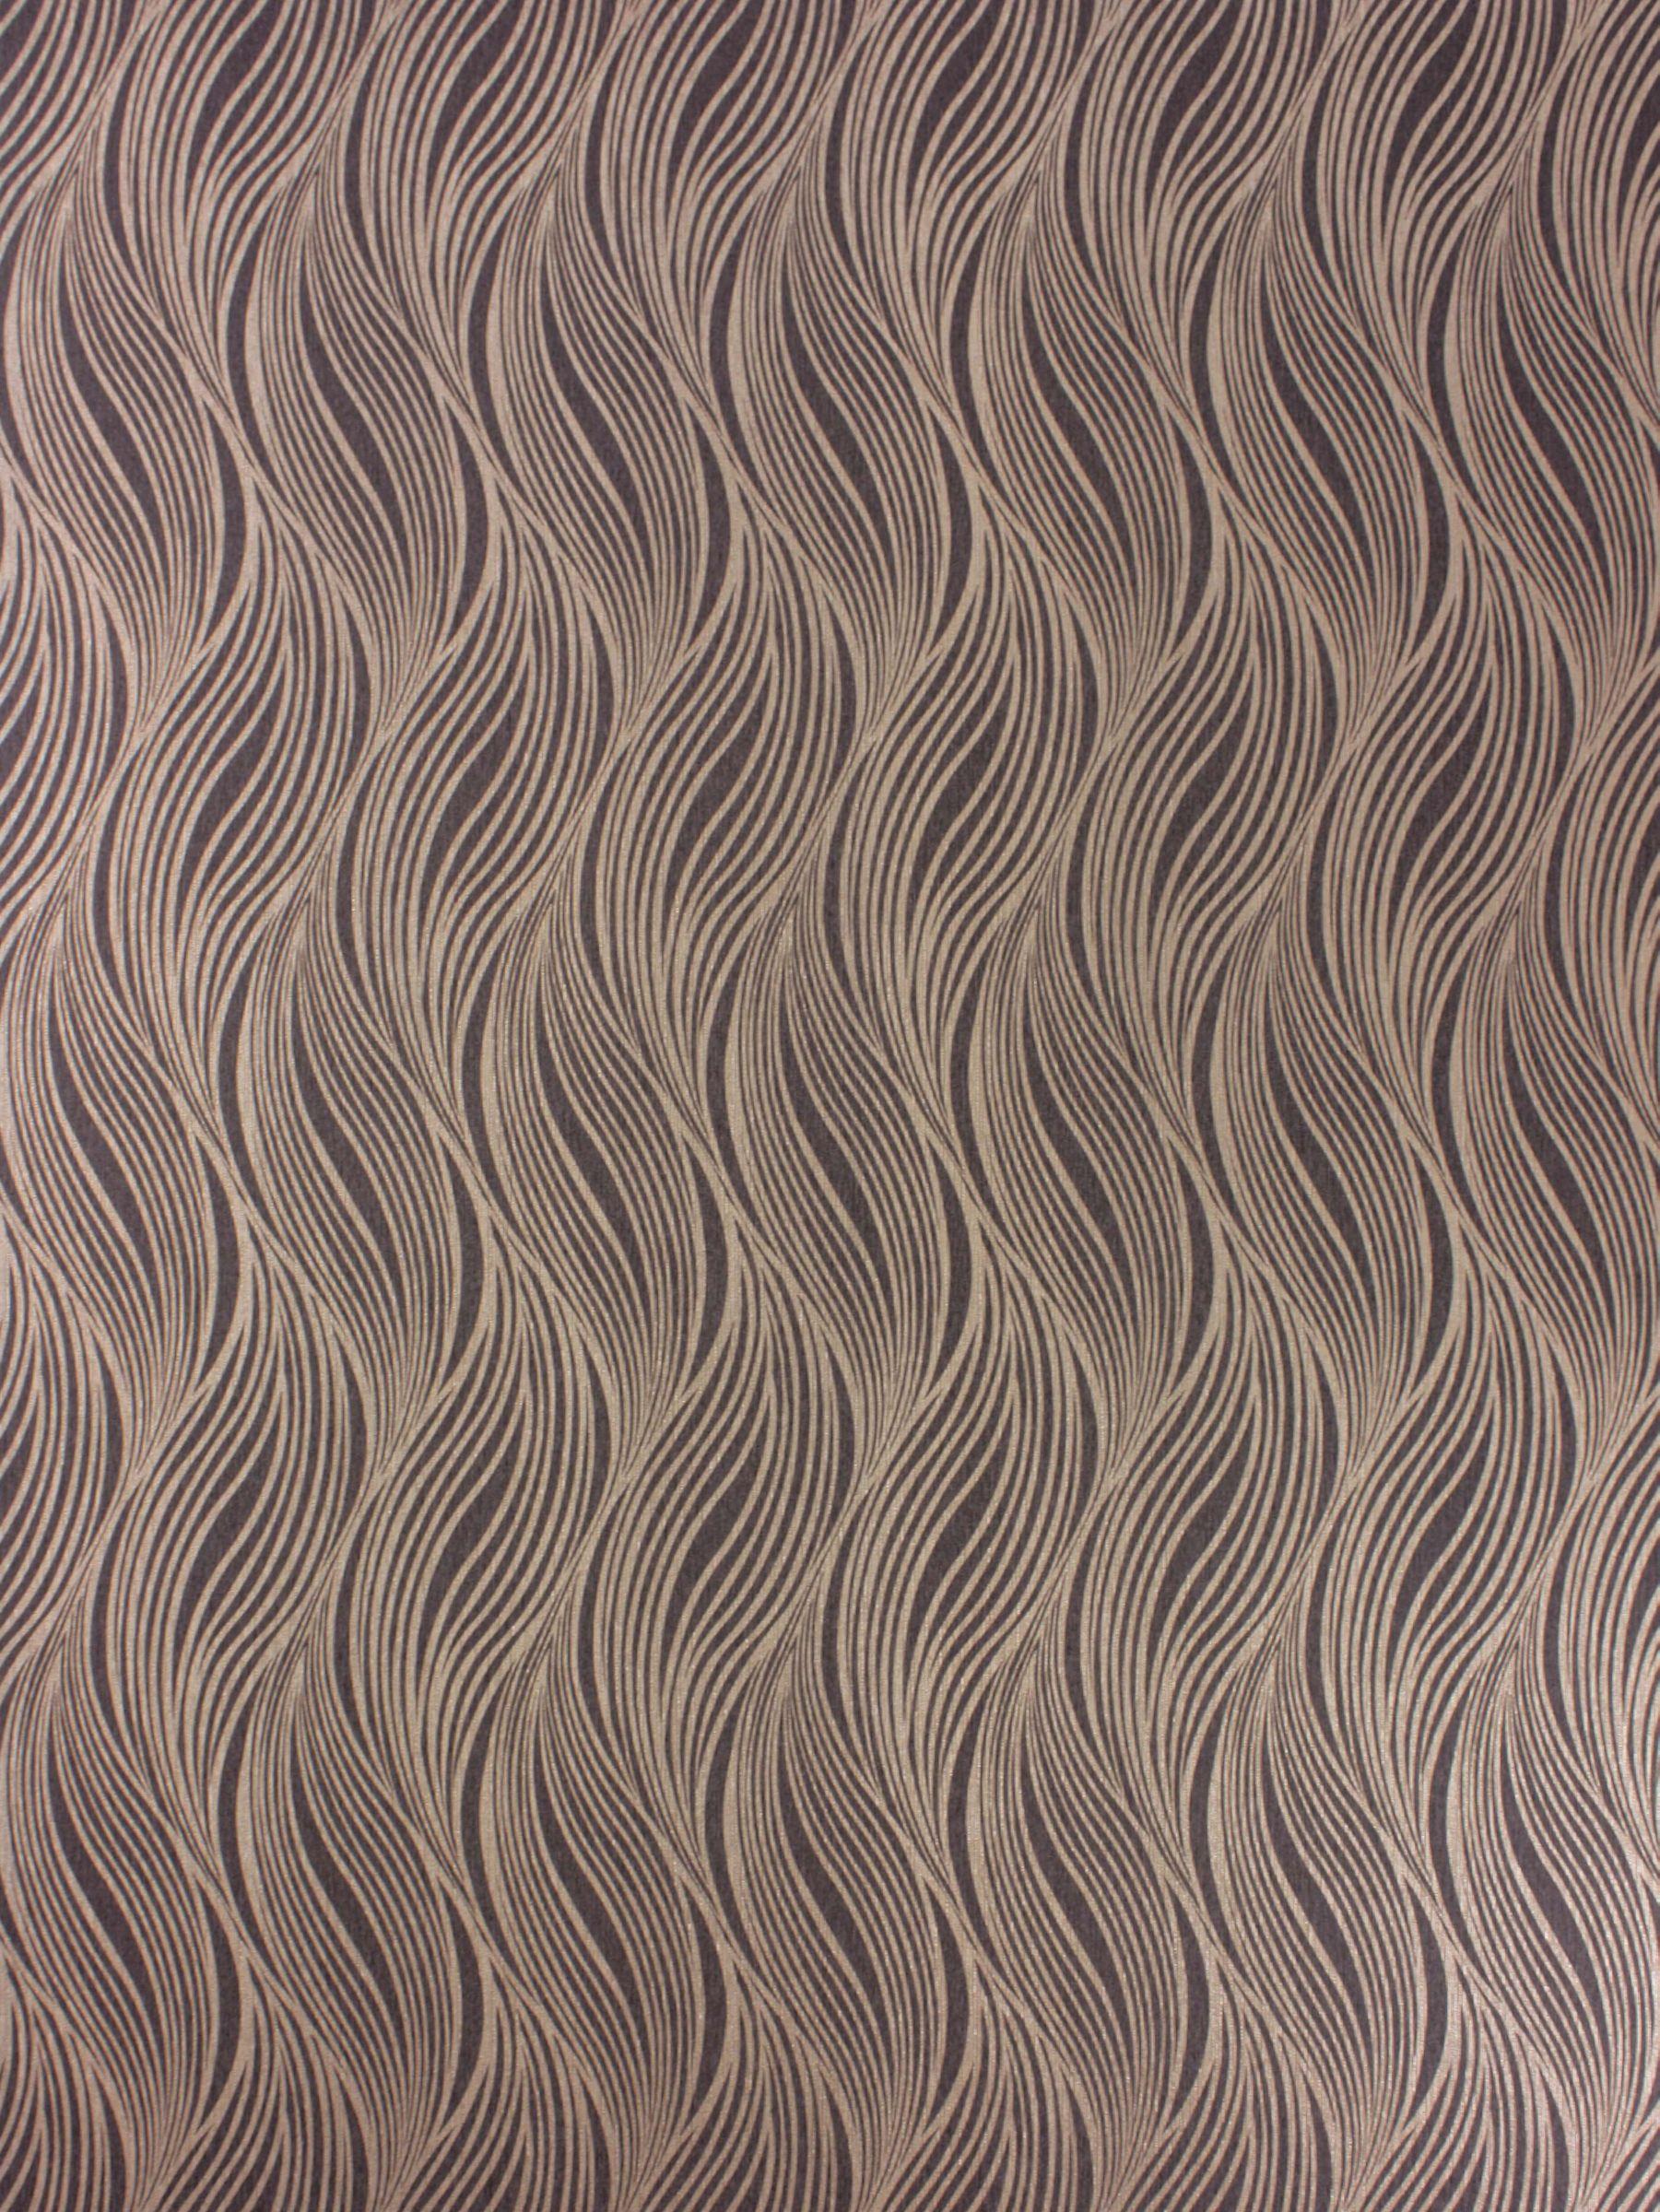 Osborne & Little Osborne & Little Curve Wallpaper